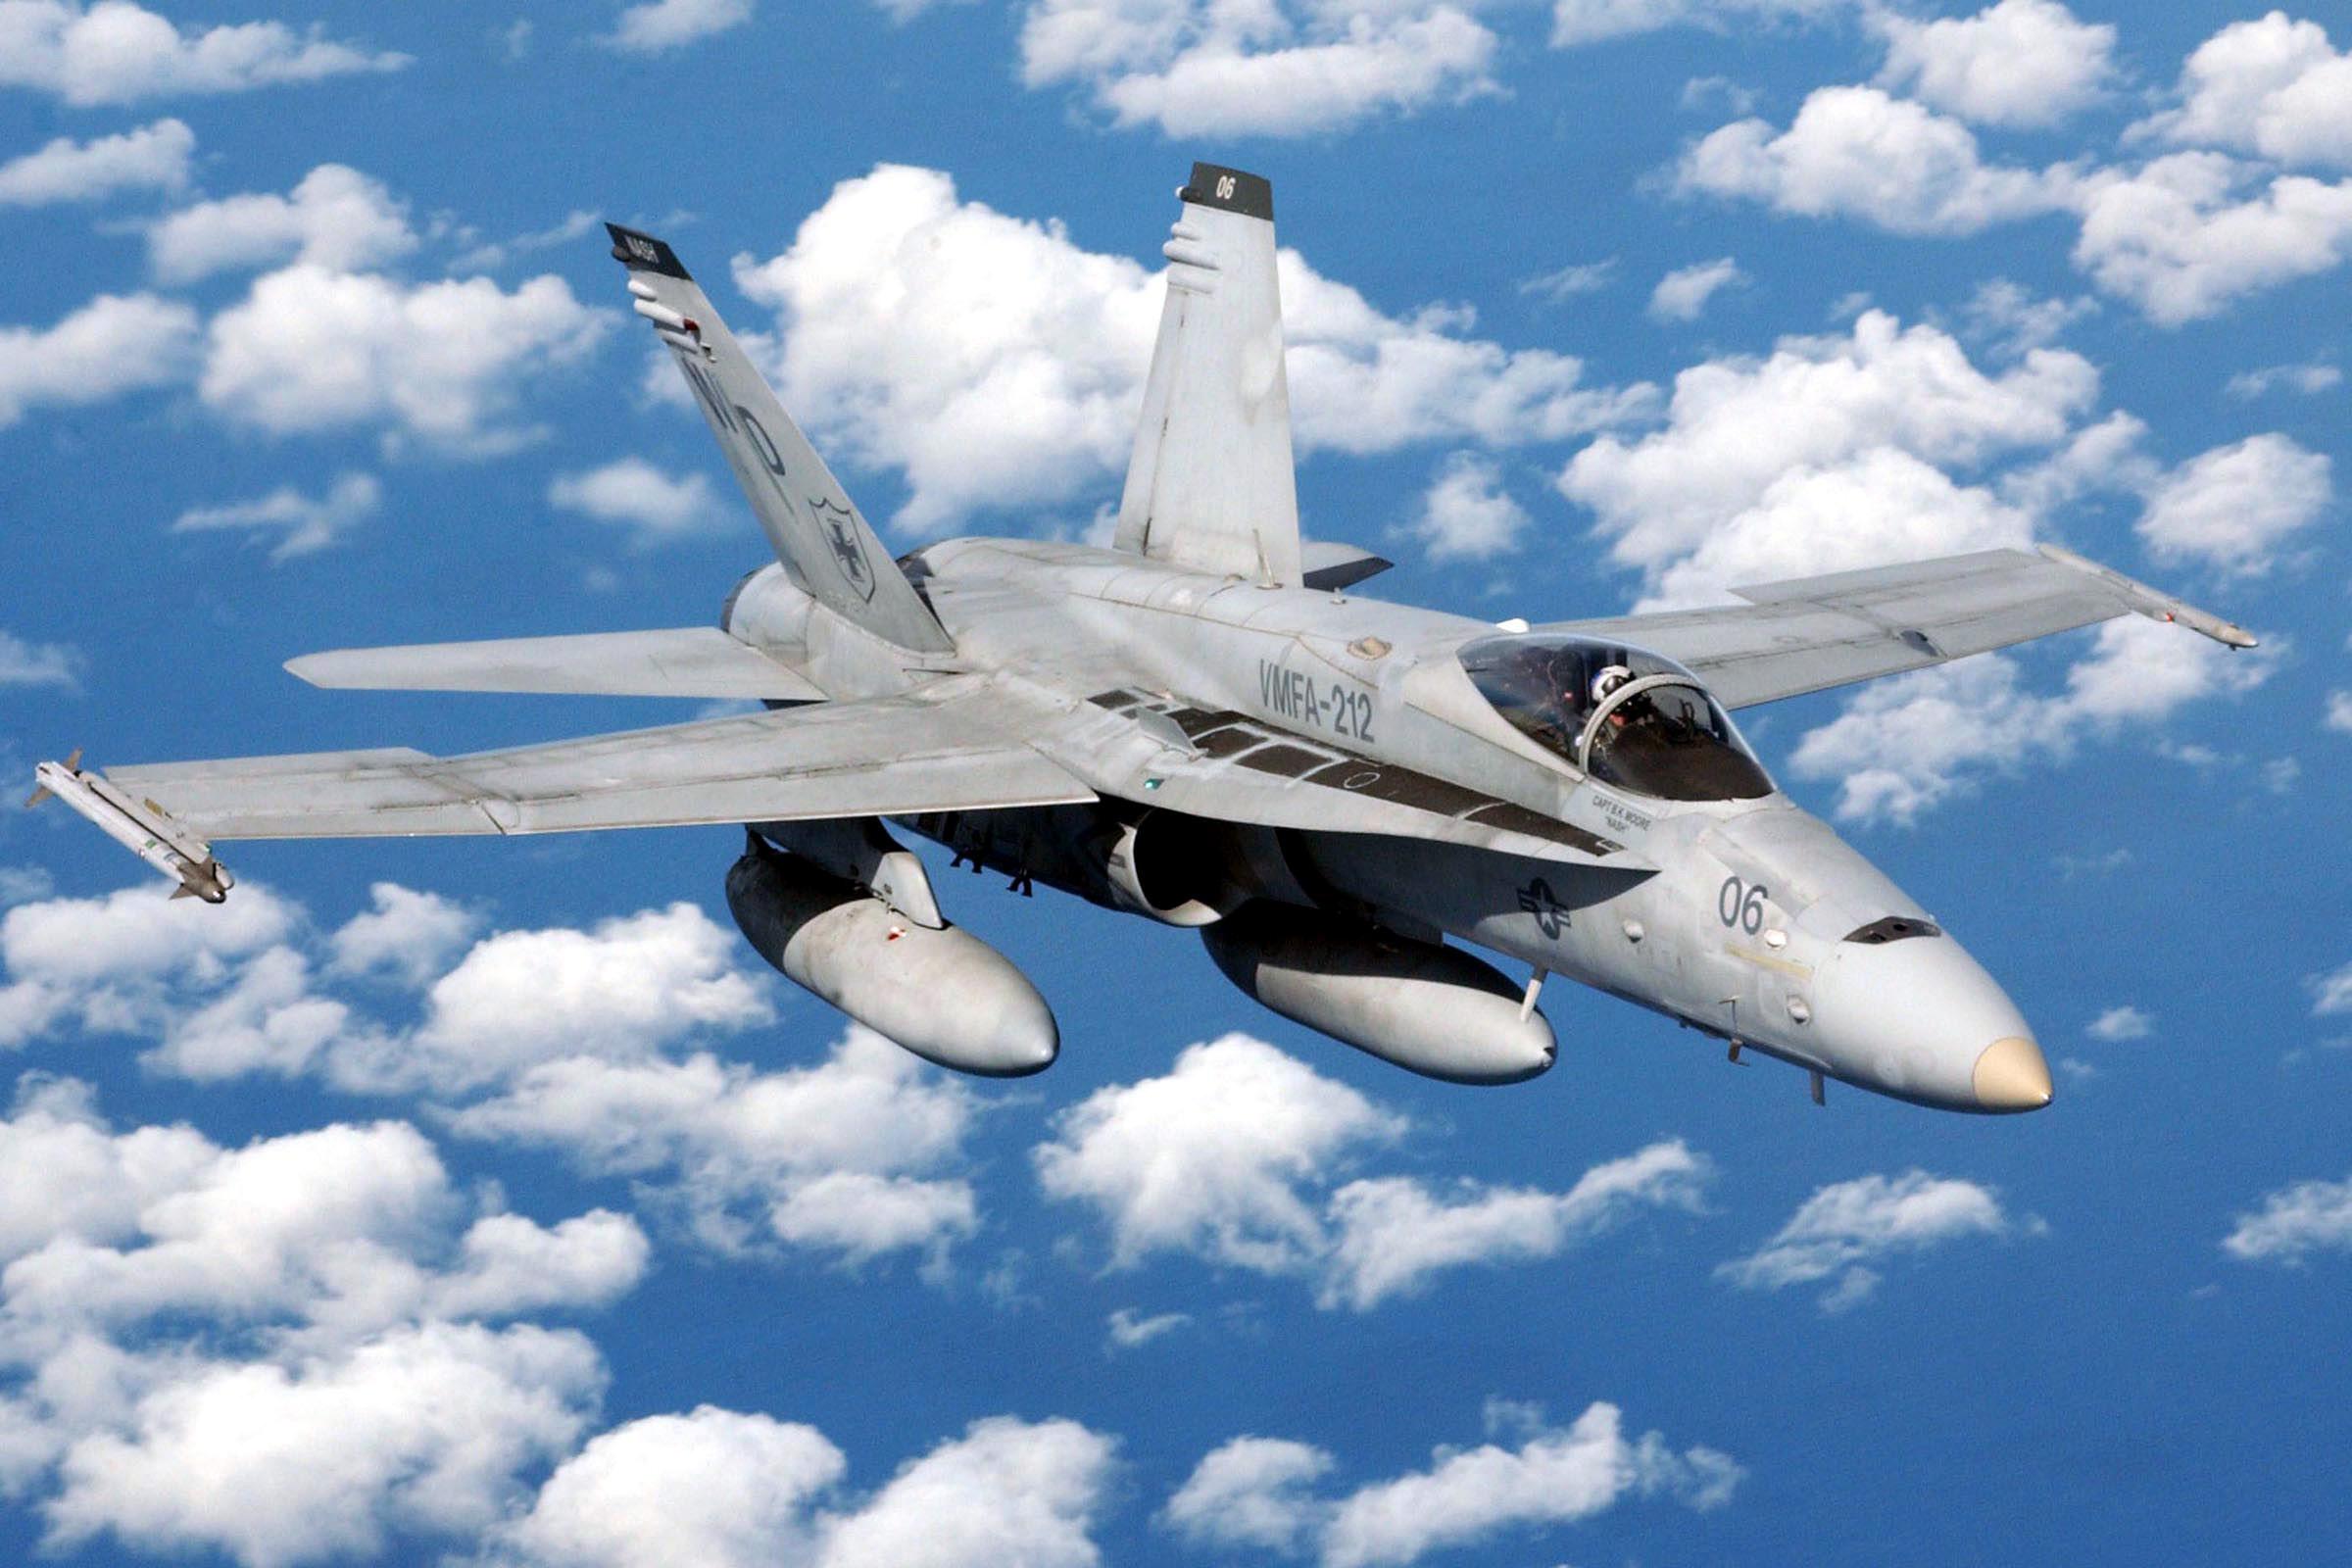 صوره افضل 10 طائرات مقاتلة في العالم